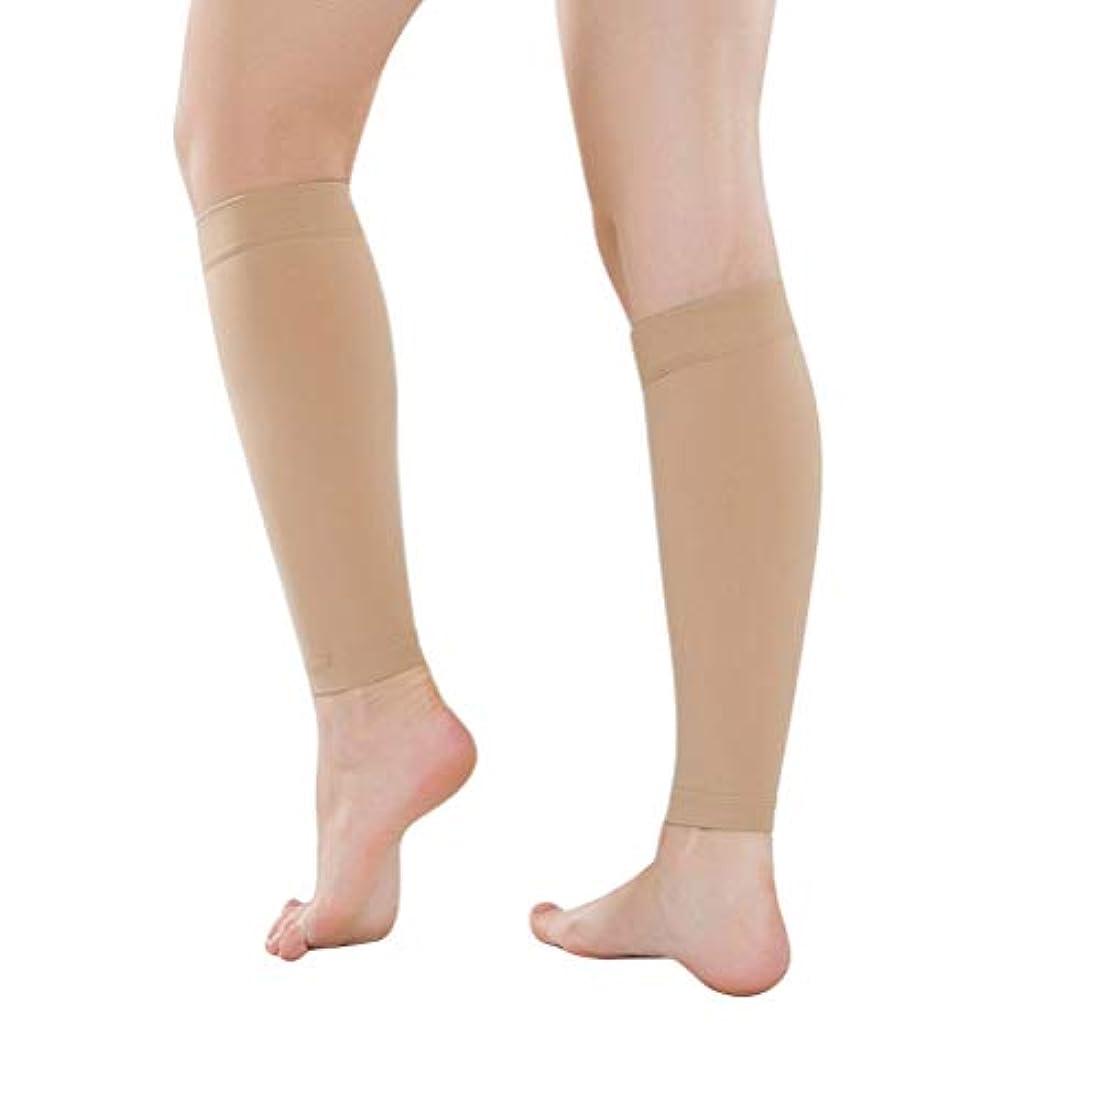 オフェンスセールスマンクリックSUPVOX 圧縮ソックス二次圧スポーツ静脈弾性ミッドチューブレッグサポートスリーブ医療看護用1ペアM(肌色)